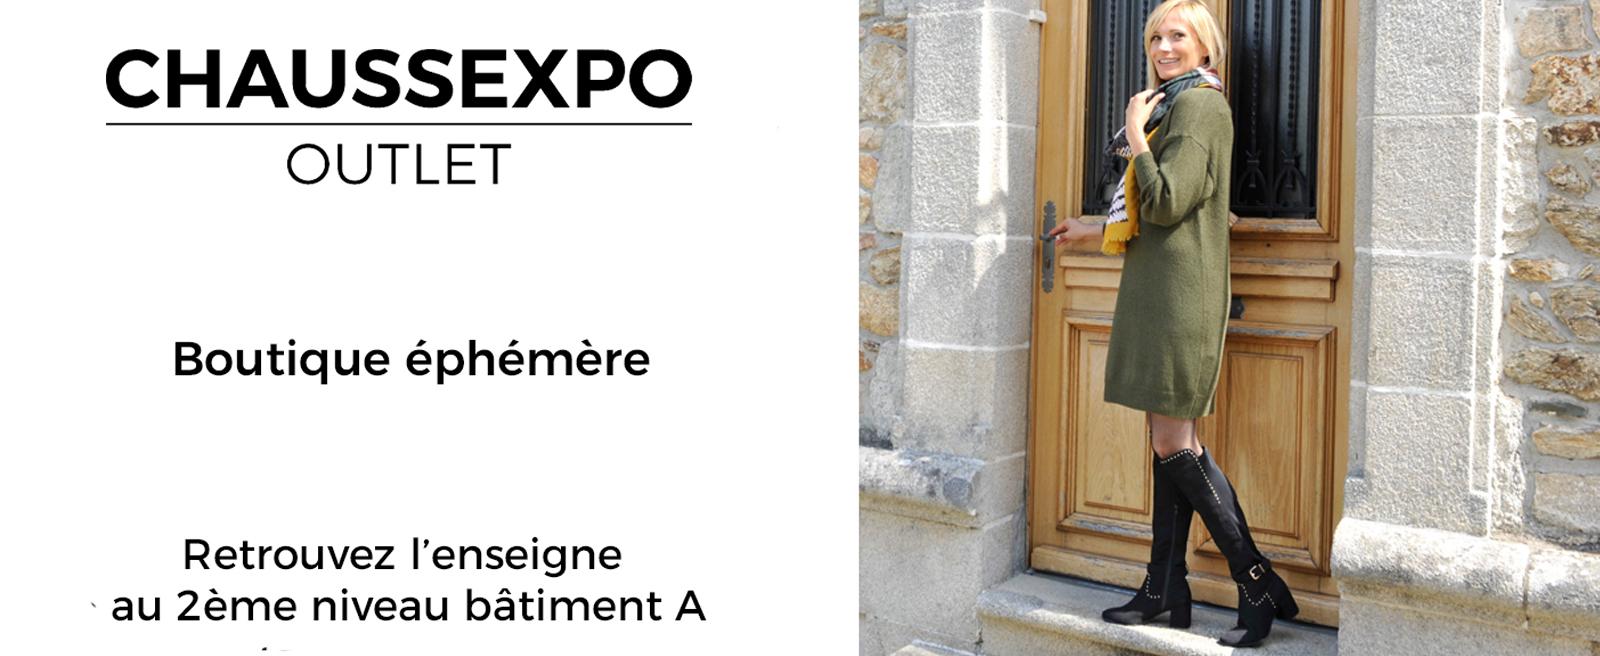 Boutique Chaussexpo - Usine Roubaix